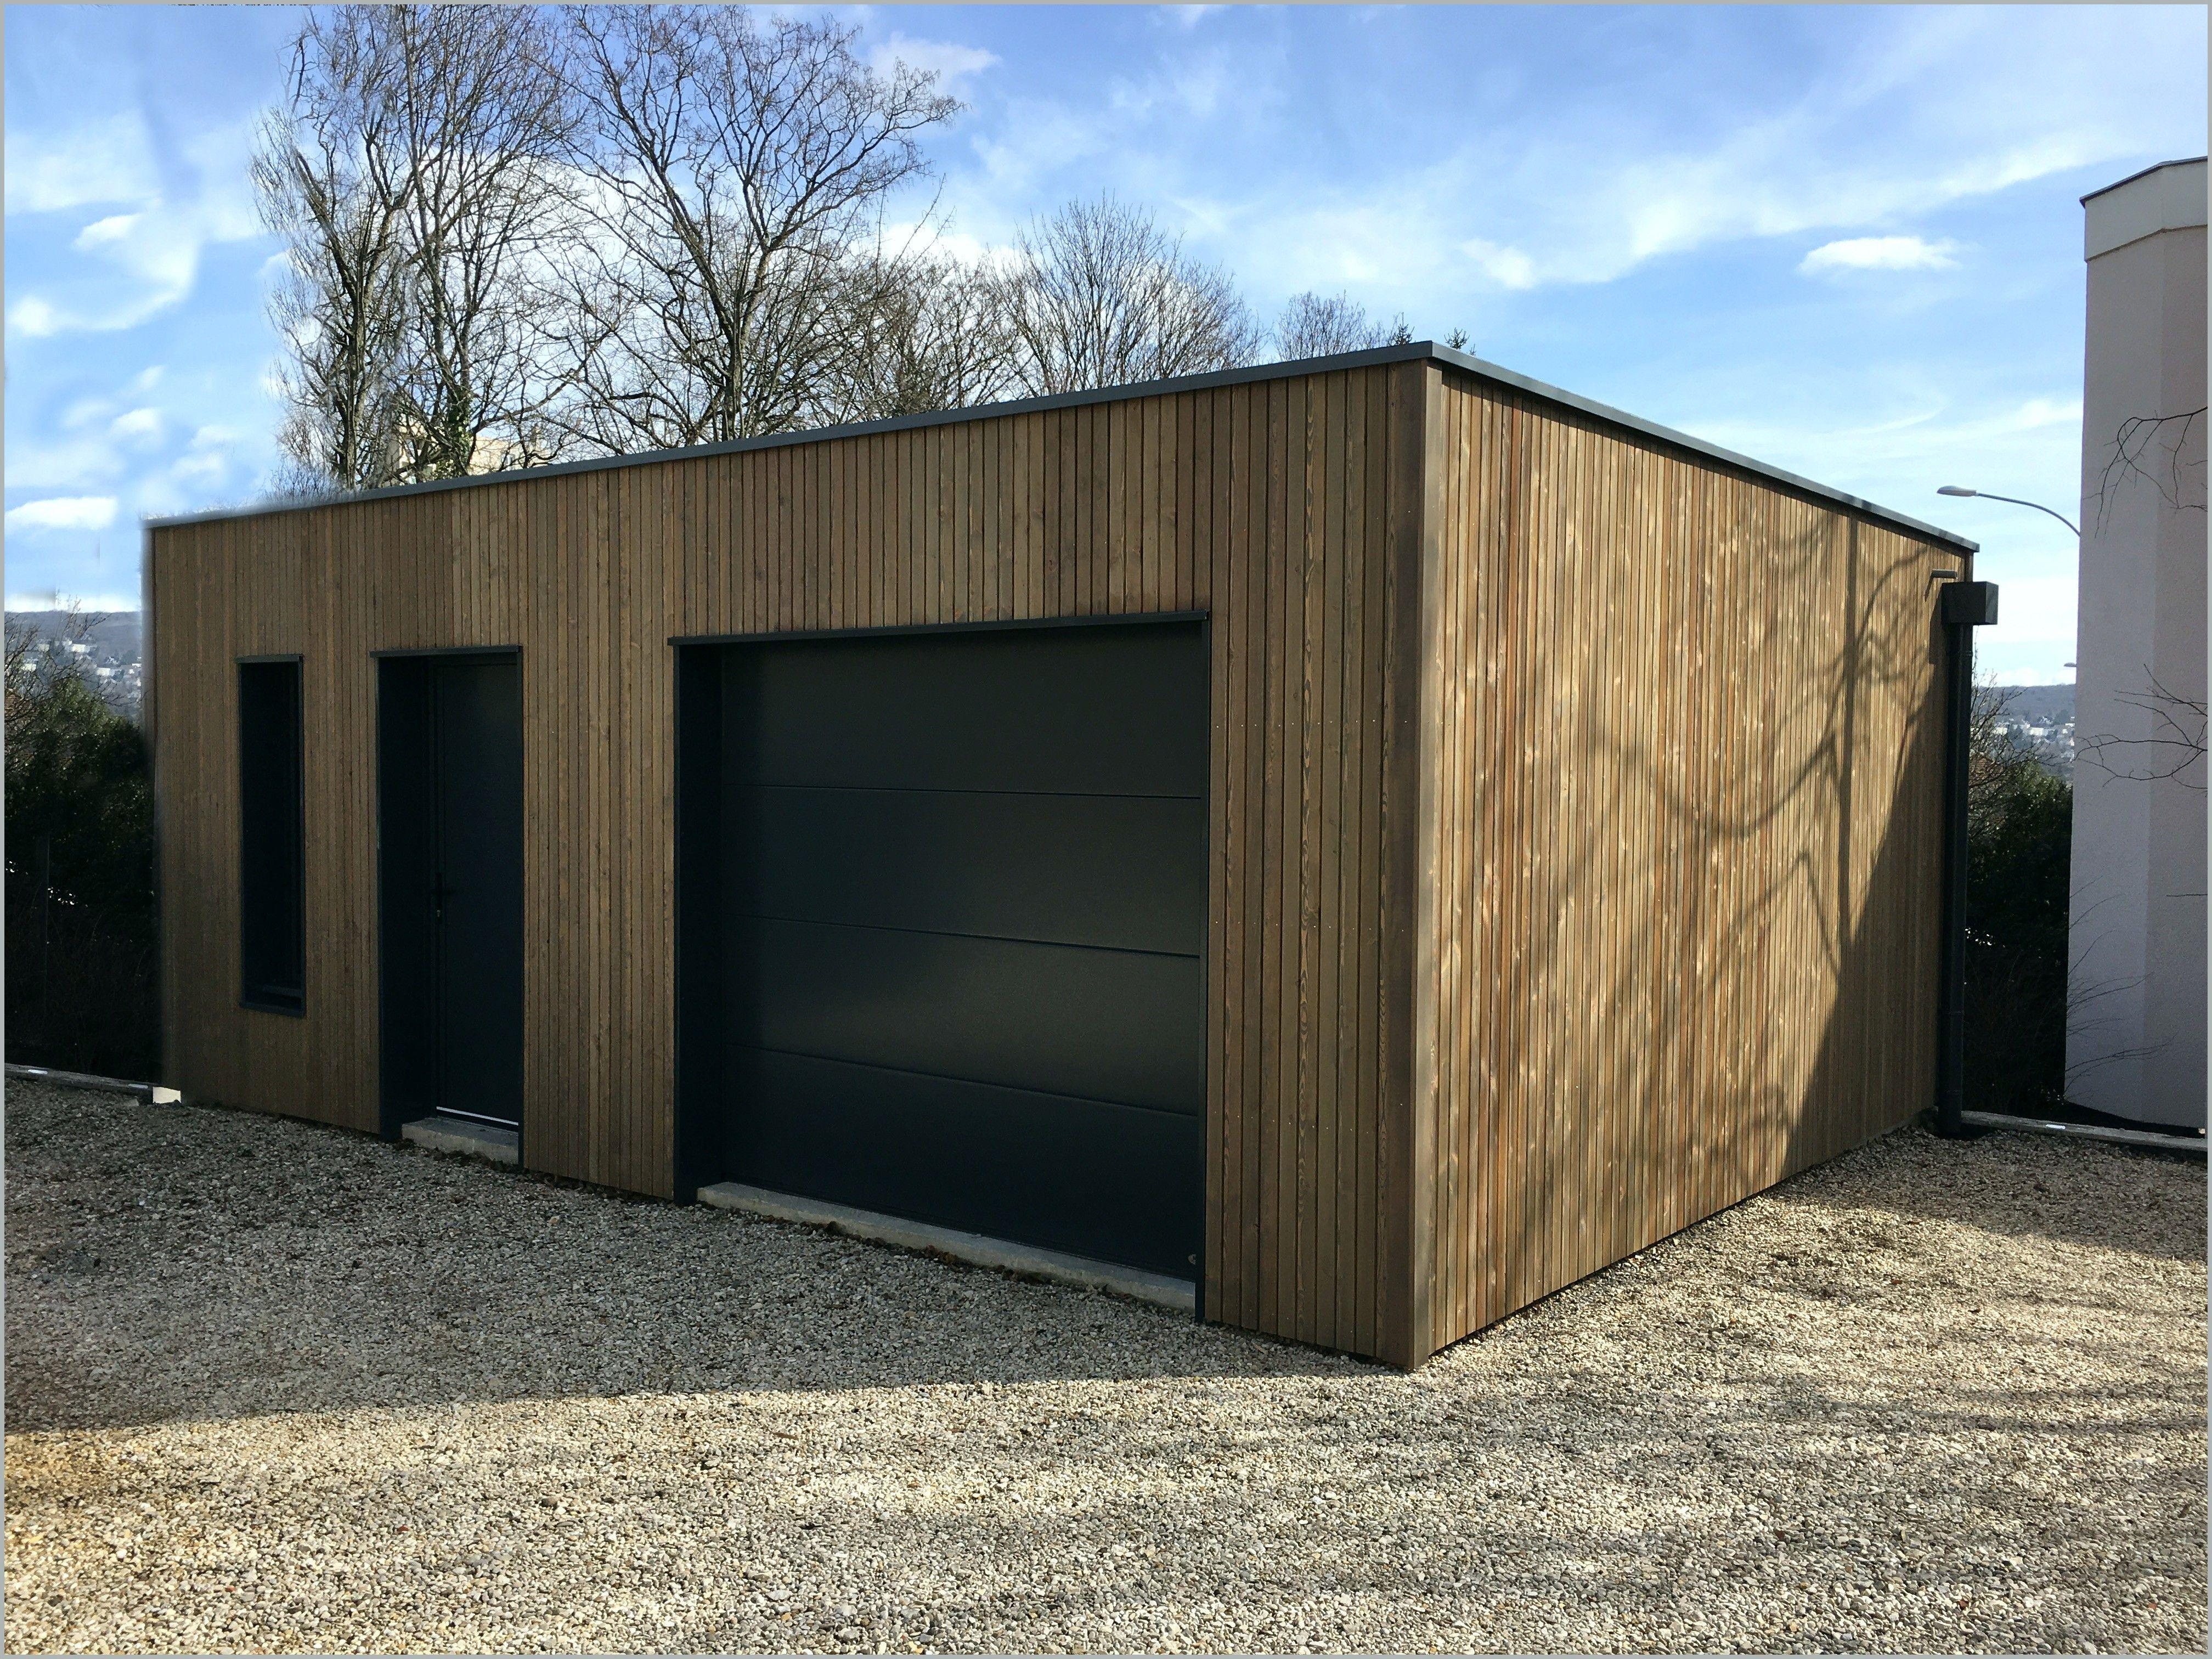 Garage Bois Ou Parpaing Plaisant Id Es En 2020 Garage Bois Garage Bois Toit Plat Parpaing